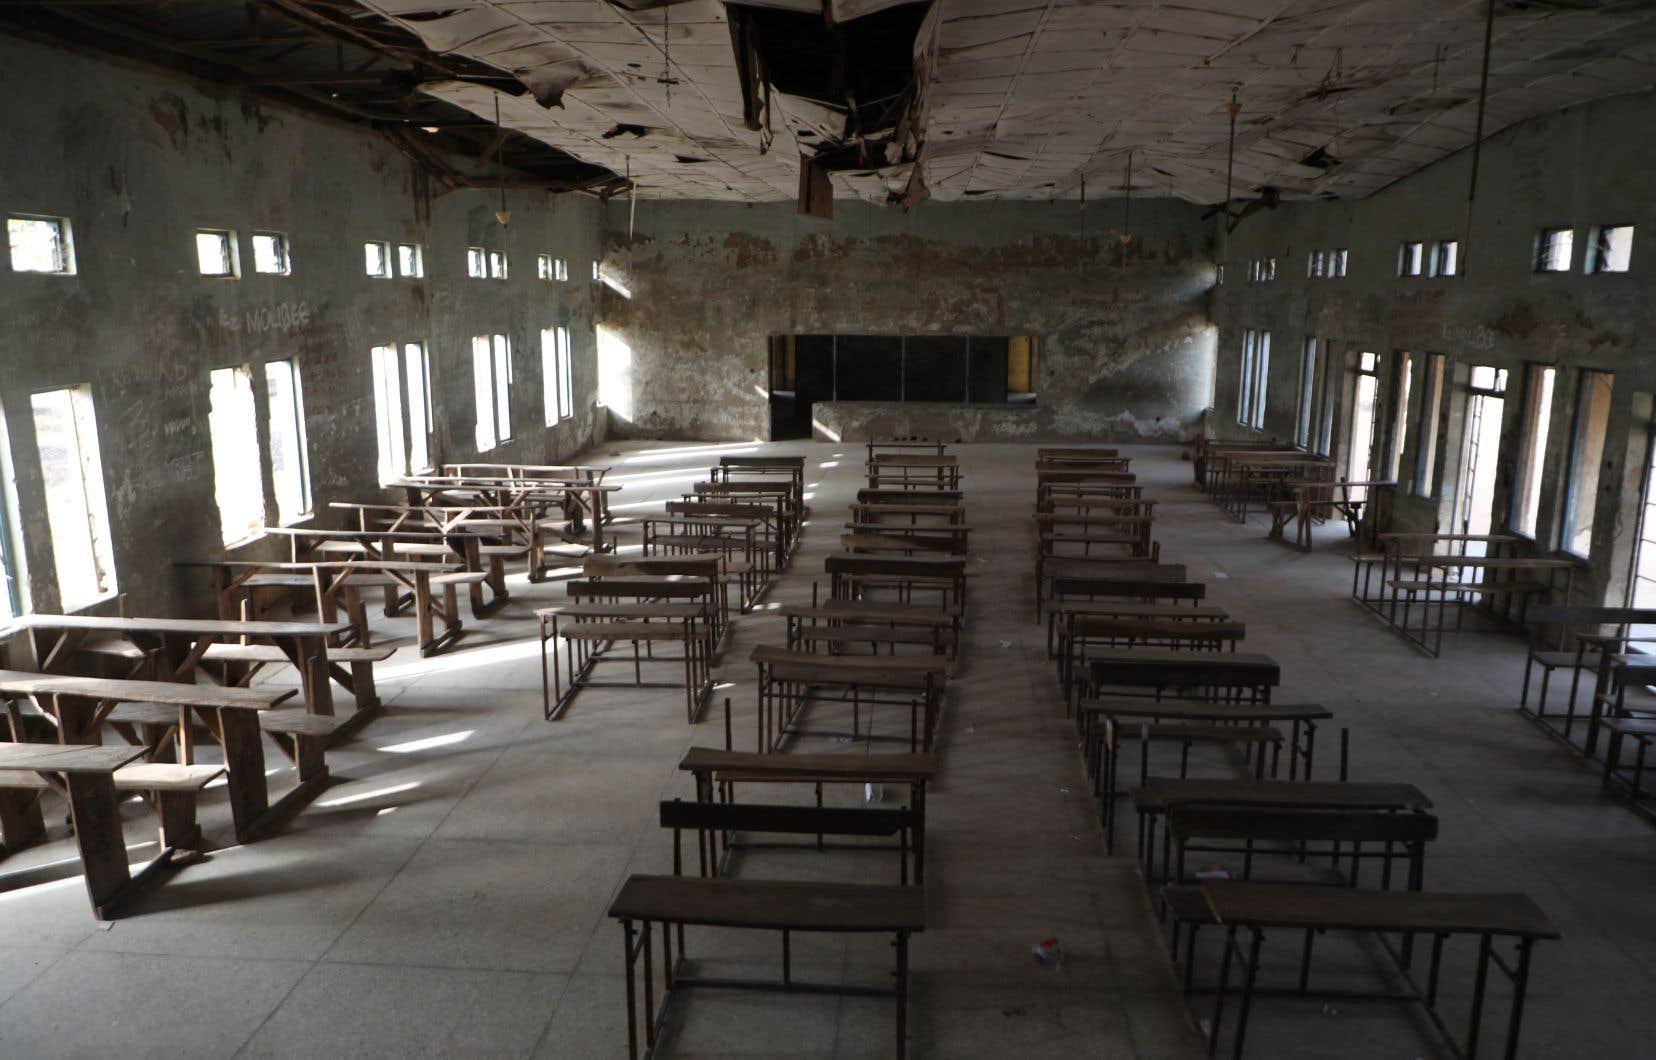 <p>Il y a neuf jours, des hommes armés ont envahi un pensionnat à Kagara situé dans l'État voisin du Niger, où 42 personnes, dont 27 élèves, ont été kidnappées.</p>